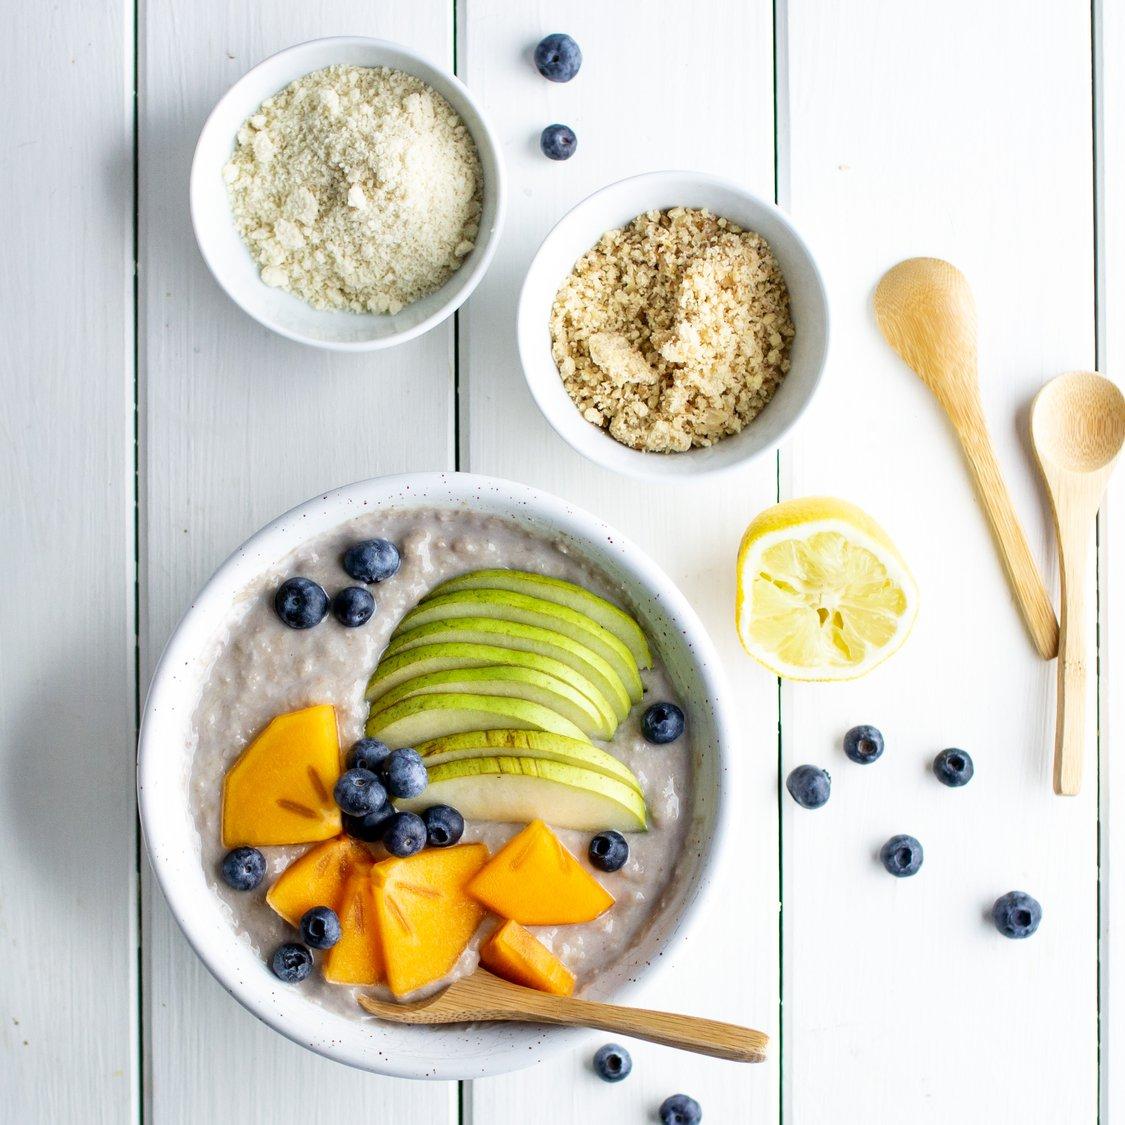 Joghurt-Walnuss-Bowl mit Banane